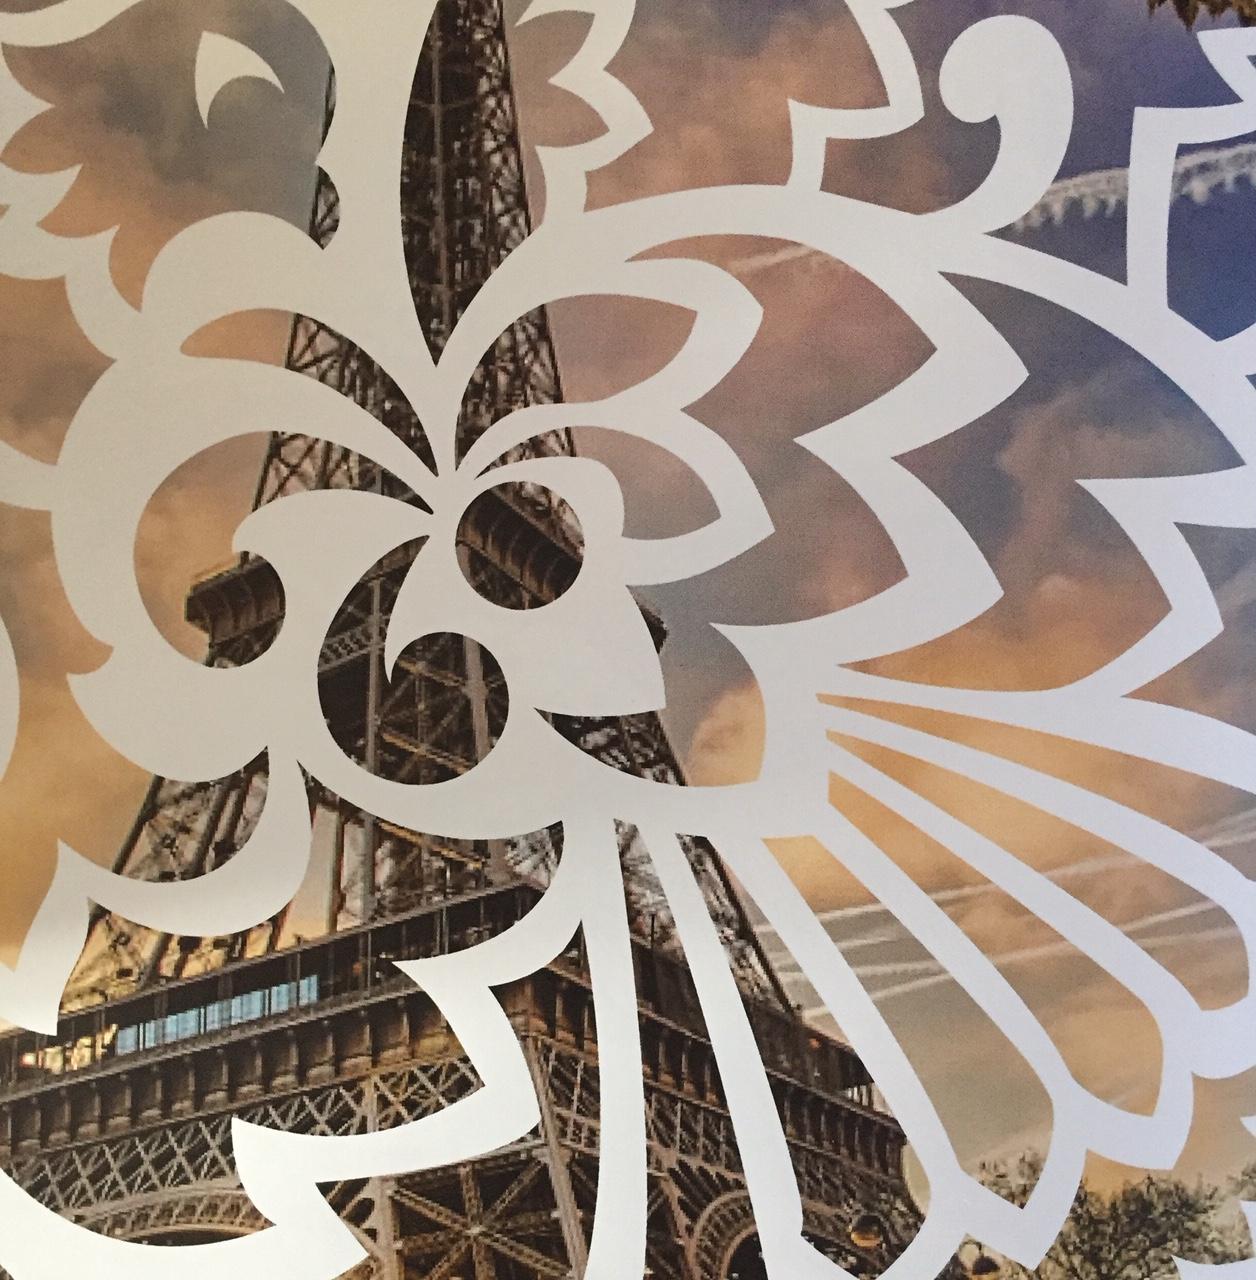 Русские Сезоны во Франции  культурная дипломатия, Париж 2020